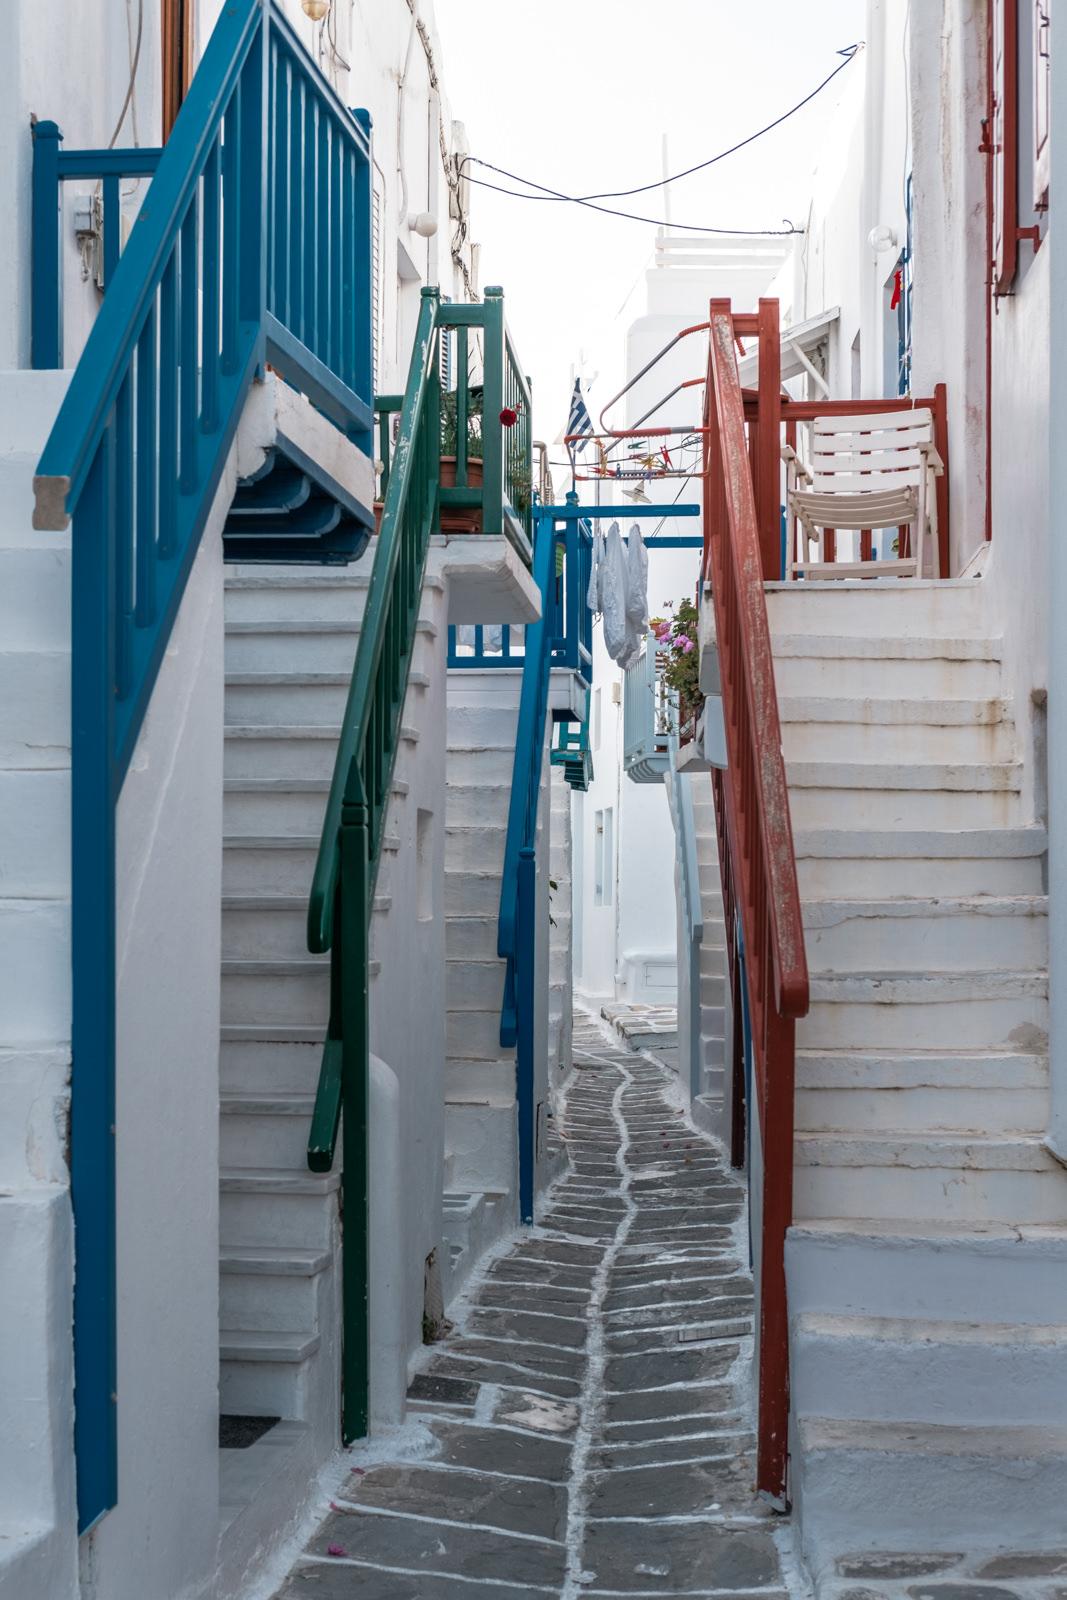 Chora old town, Mykonos